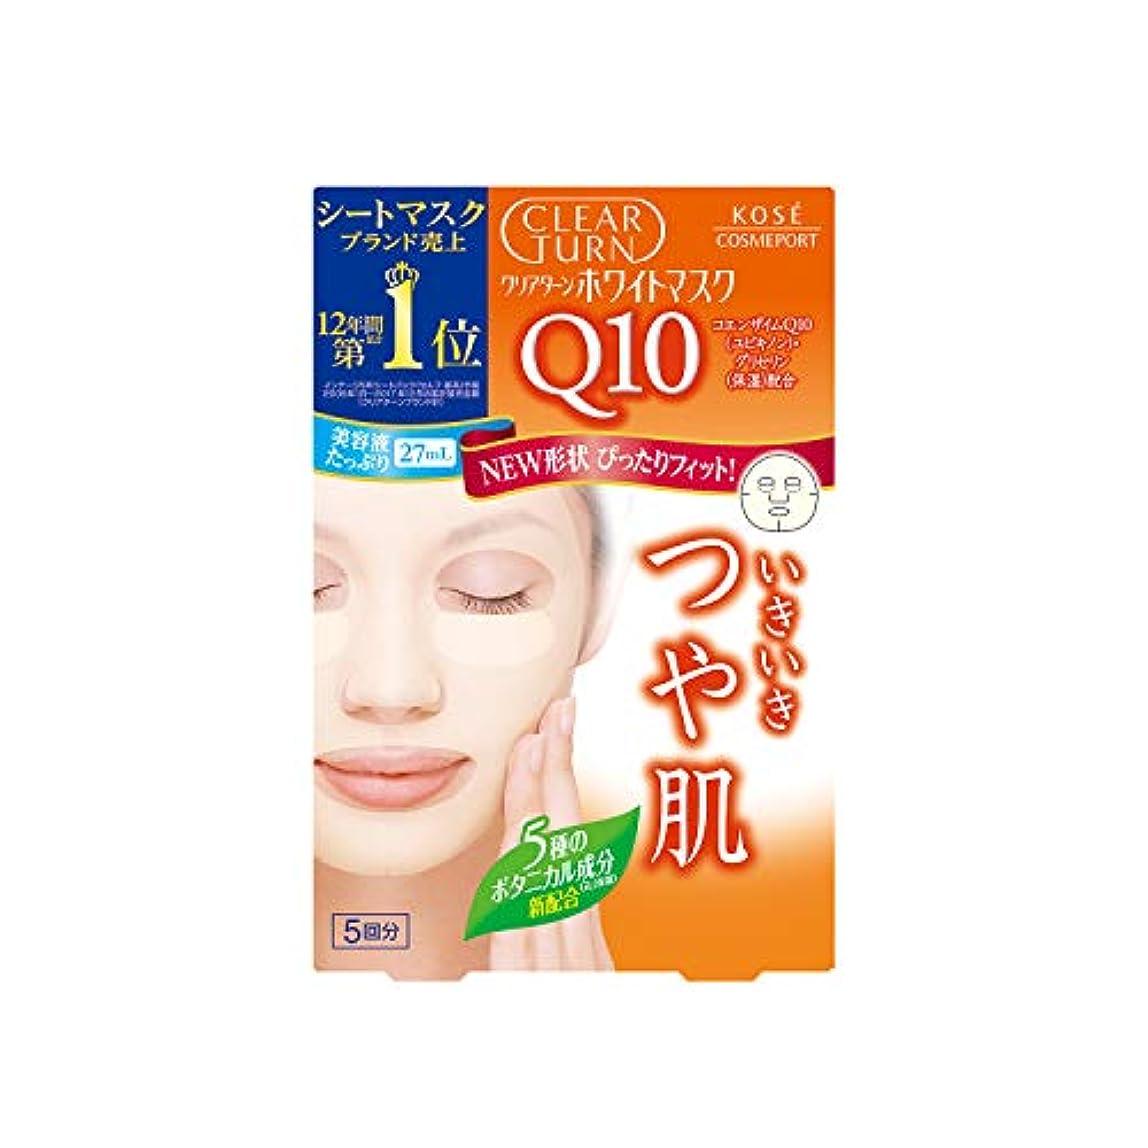 復活する派生する精通したKOSE クリアターン ホワイト マスク Q10 c (コエンザイムQ10) 5回分 (22mL×5)